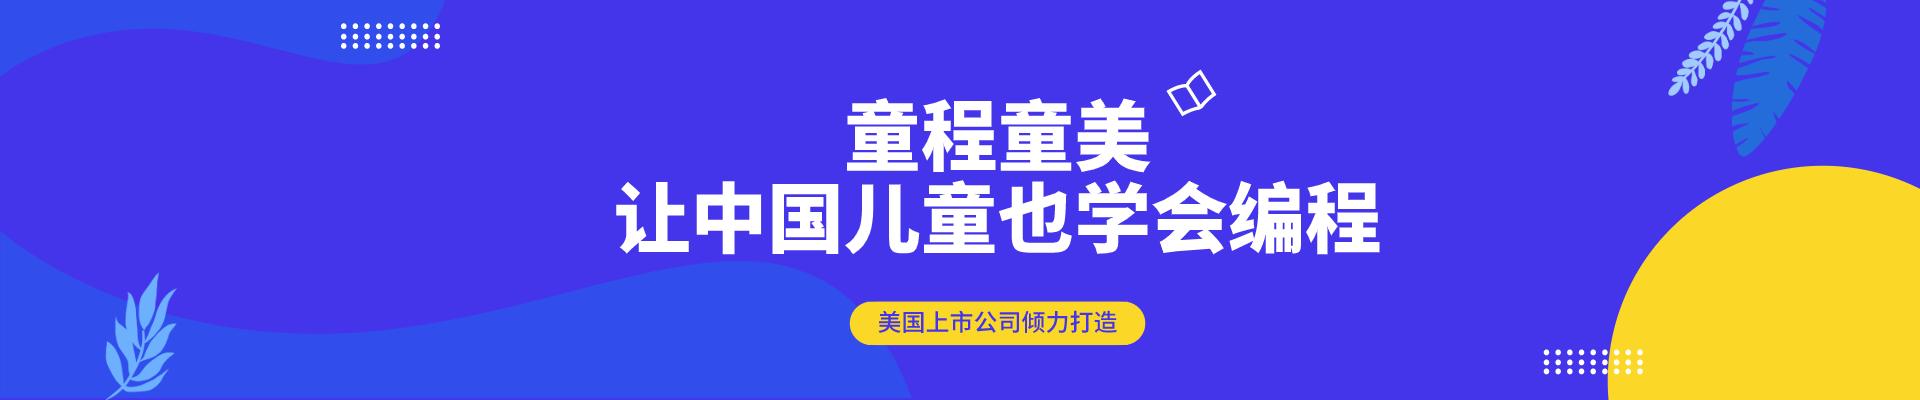 郑州金水路童程童美少儿编程培训